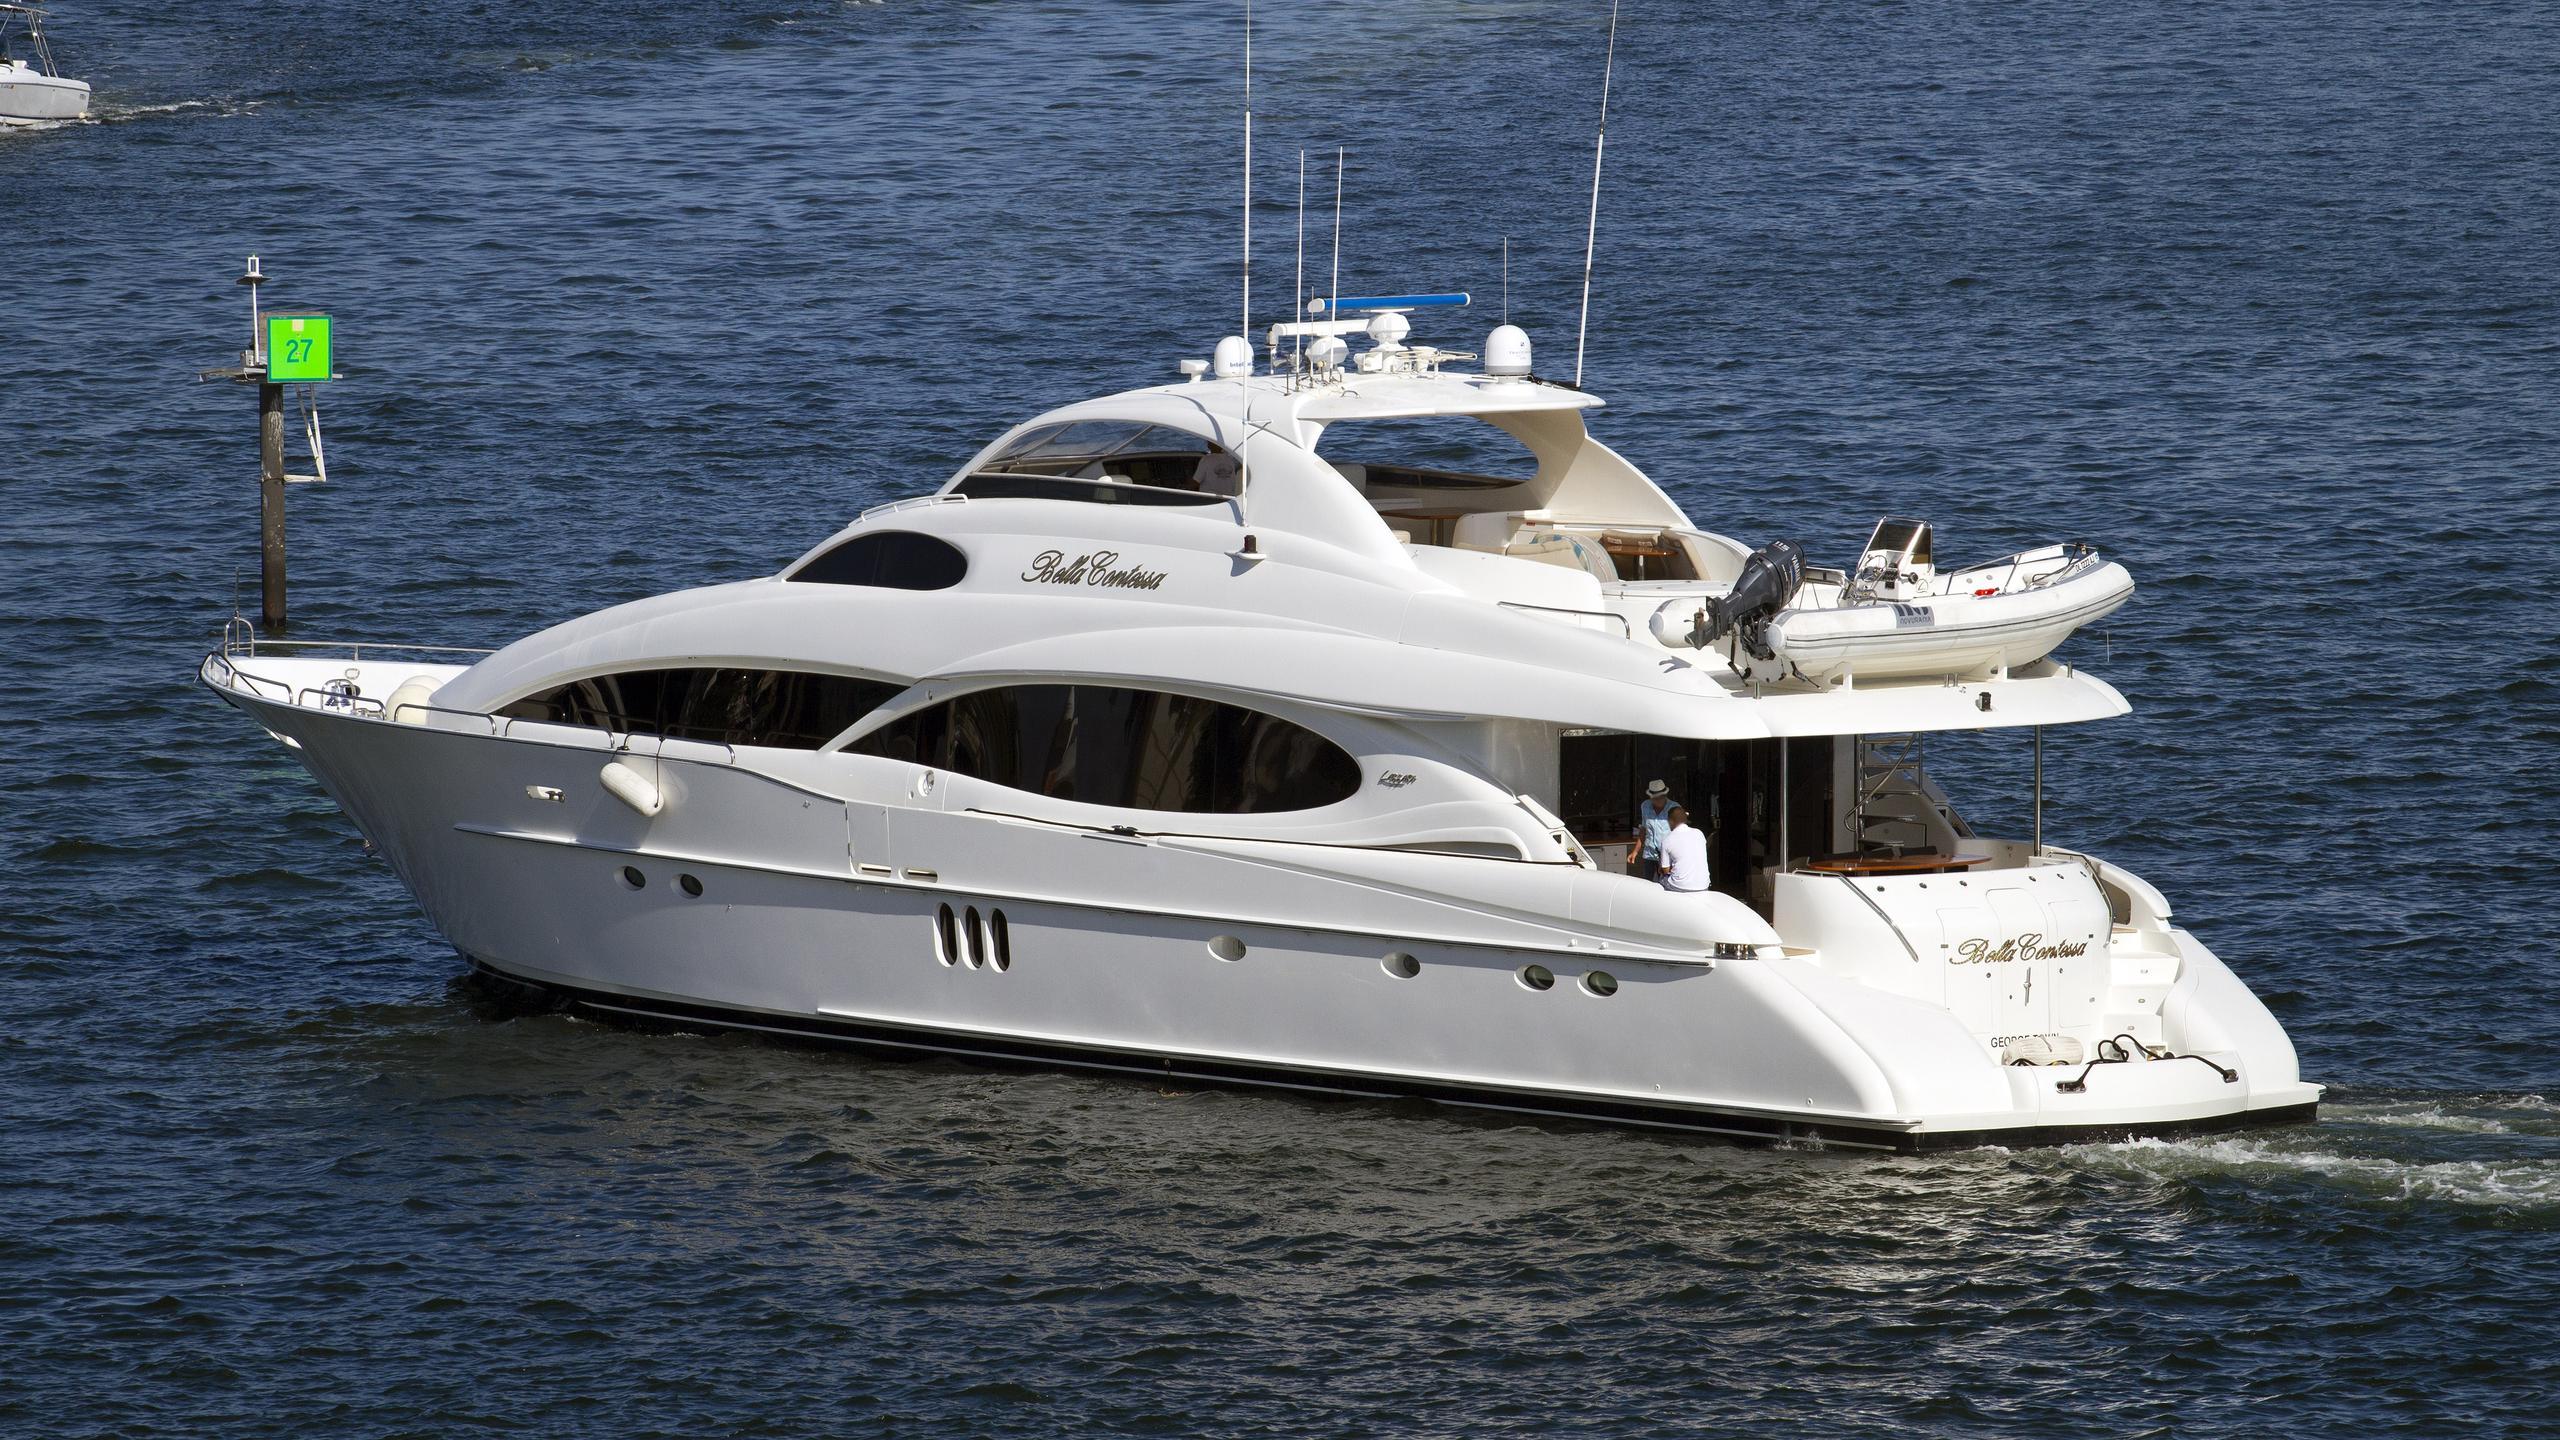 bella-contessa-motor-yacht-lazzara-106-2004-32m-profile